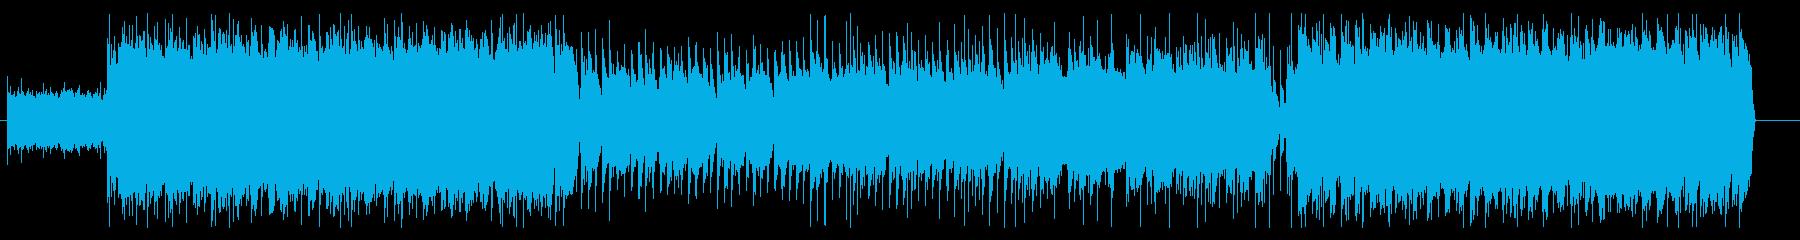 疾走感のあるエモなロックの再生済みの波形